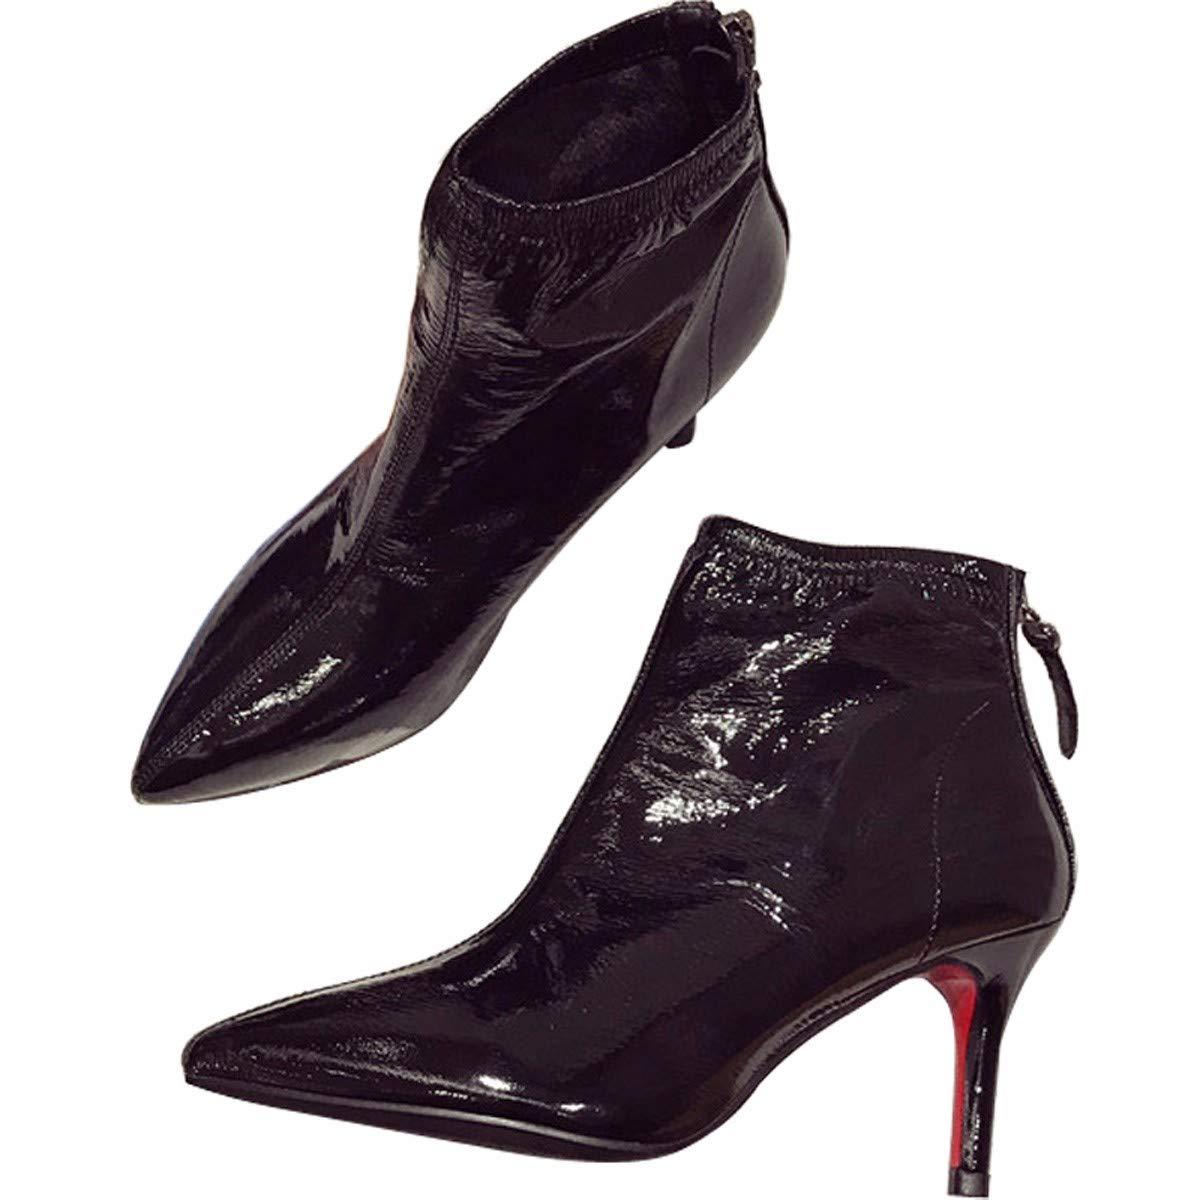 HBDLH Damenschuhe Stiefel, Herbst und Winter Mode, Joker Kurze Stiefel, Um Spitzen - Dünne Heels, Reißverschlüsse, High Heels 7Cm Martin Stiefel.